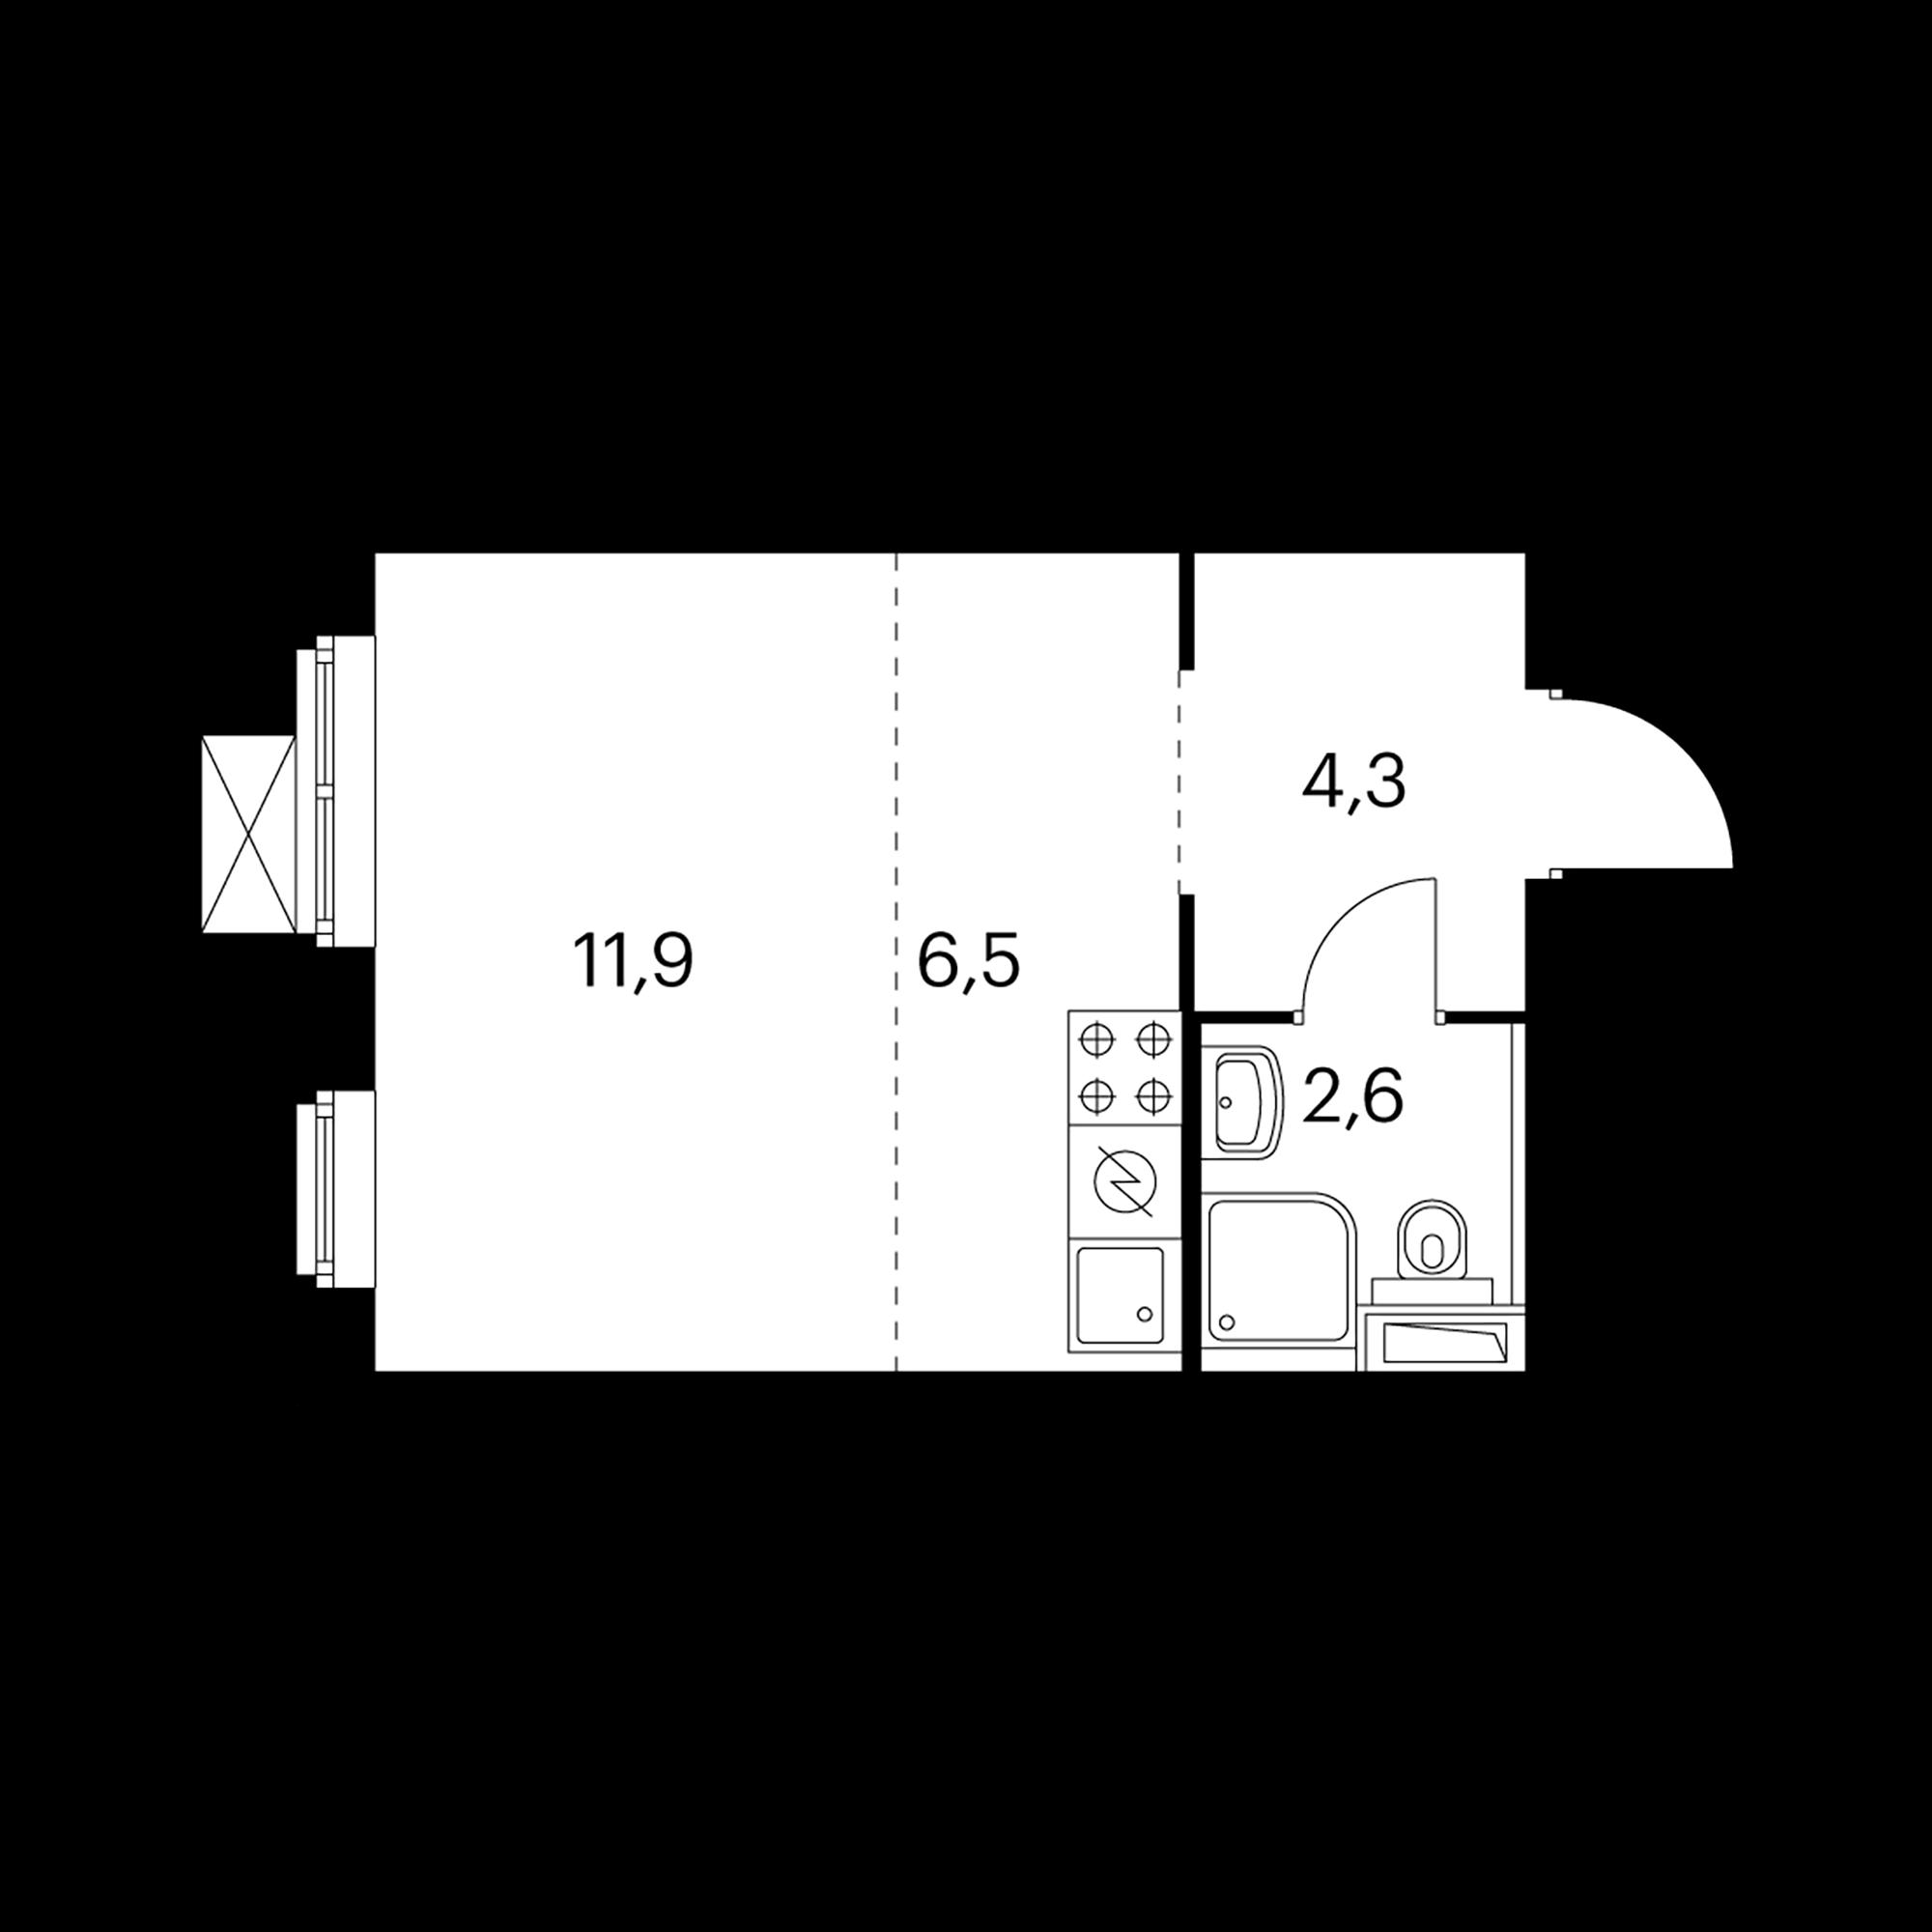 1NM1_4.5-1_S_A2